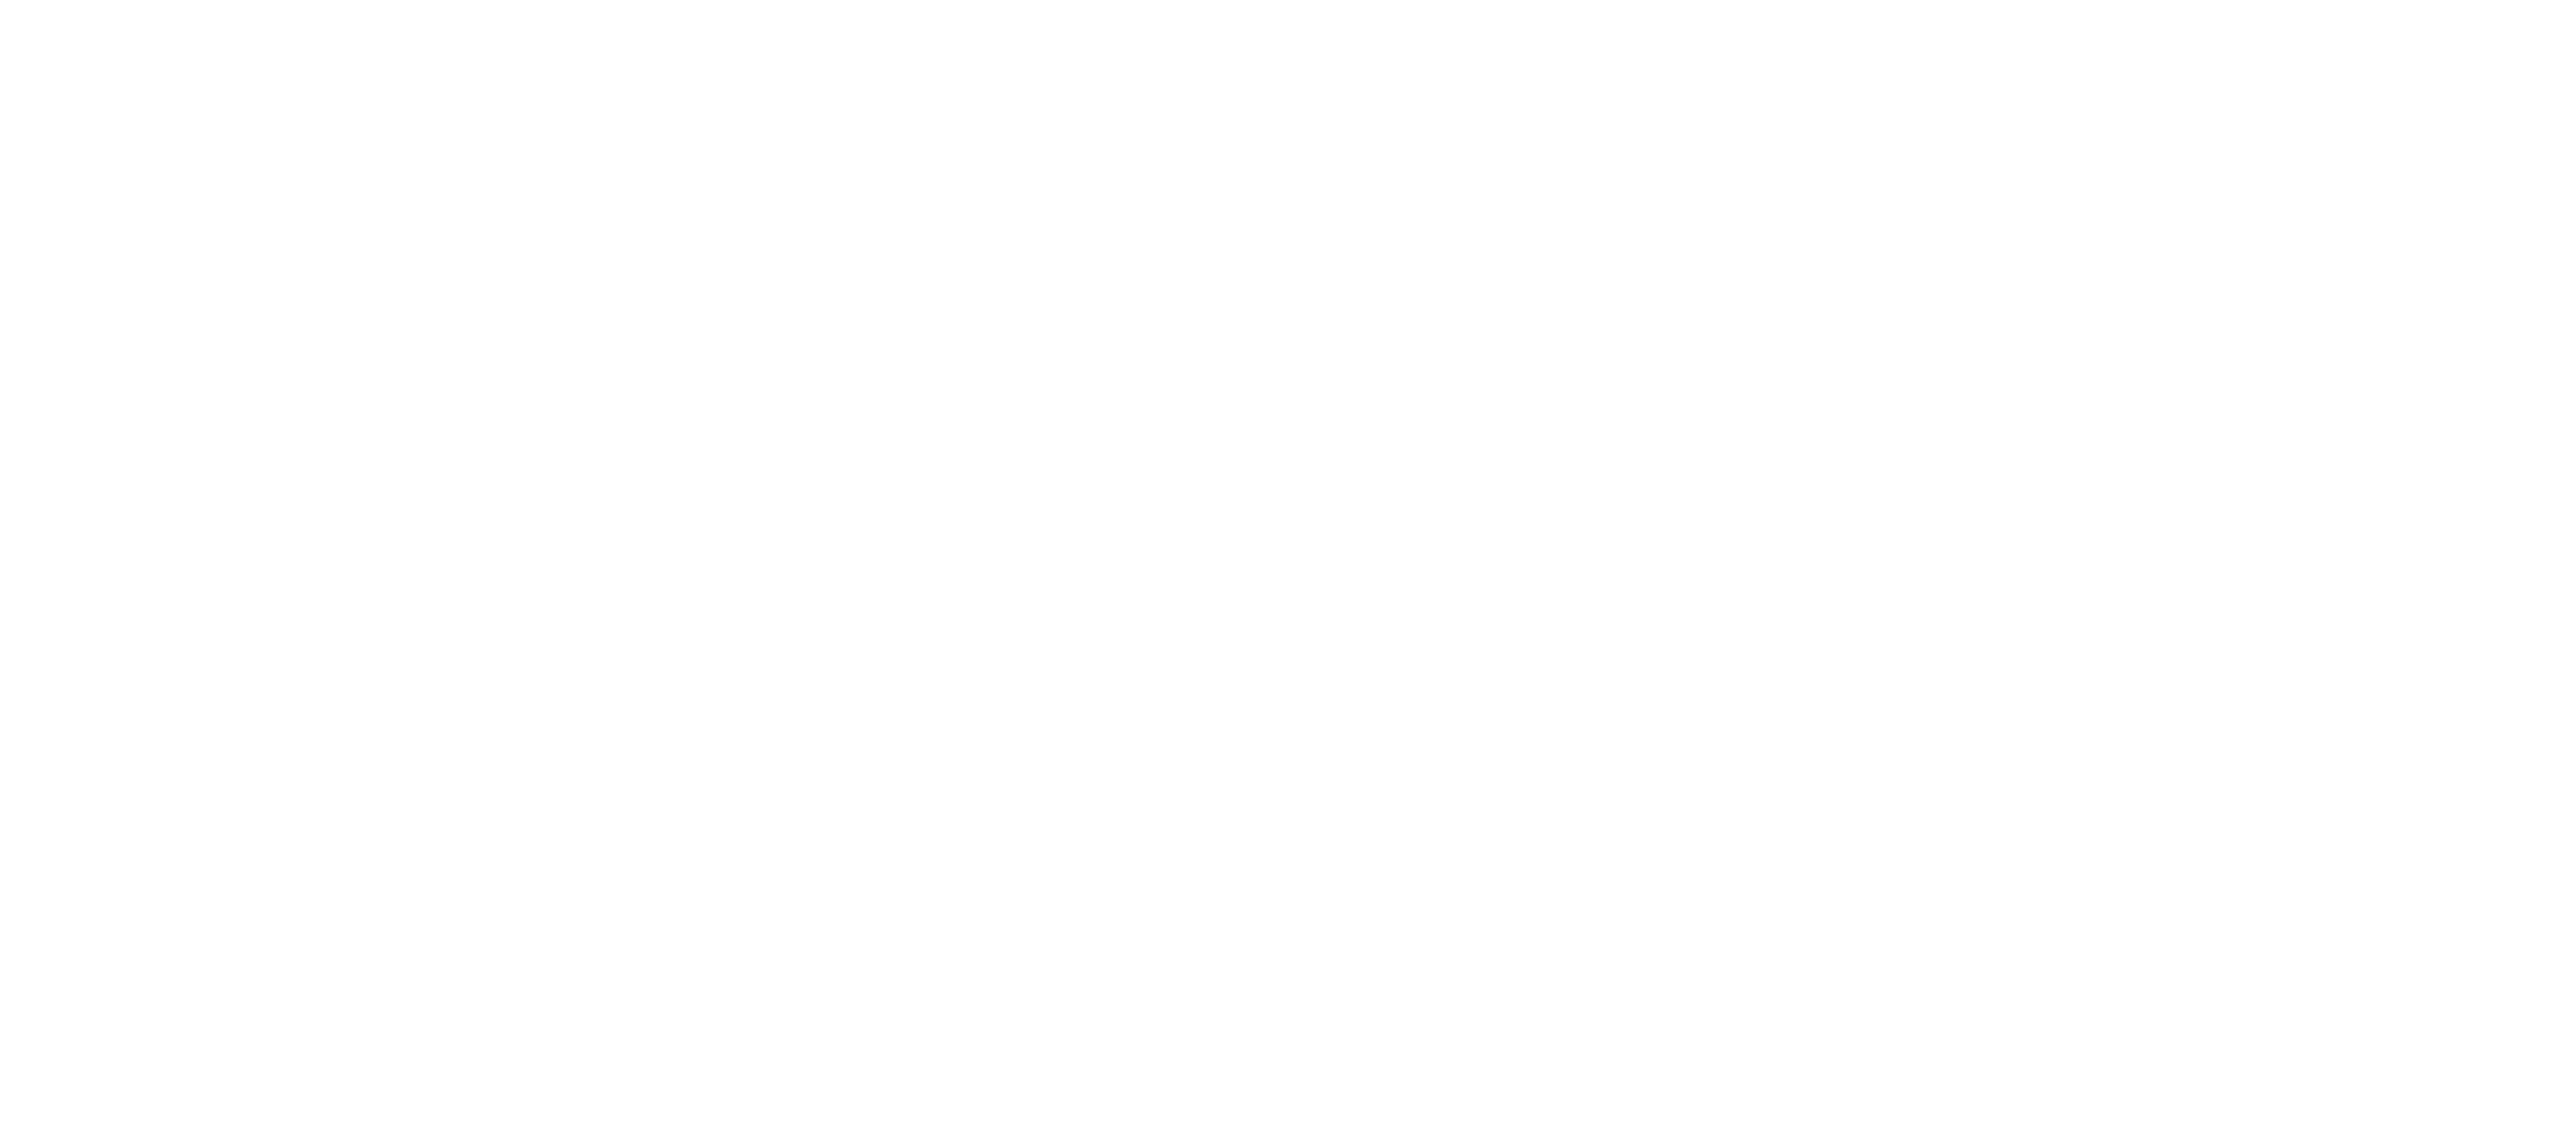 Logo for mobile device retailer, O2